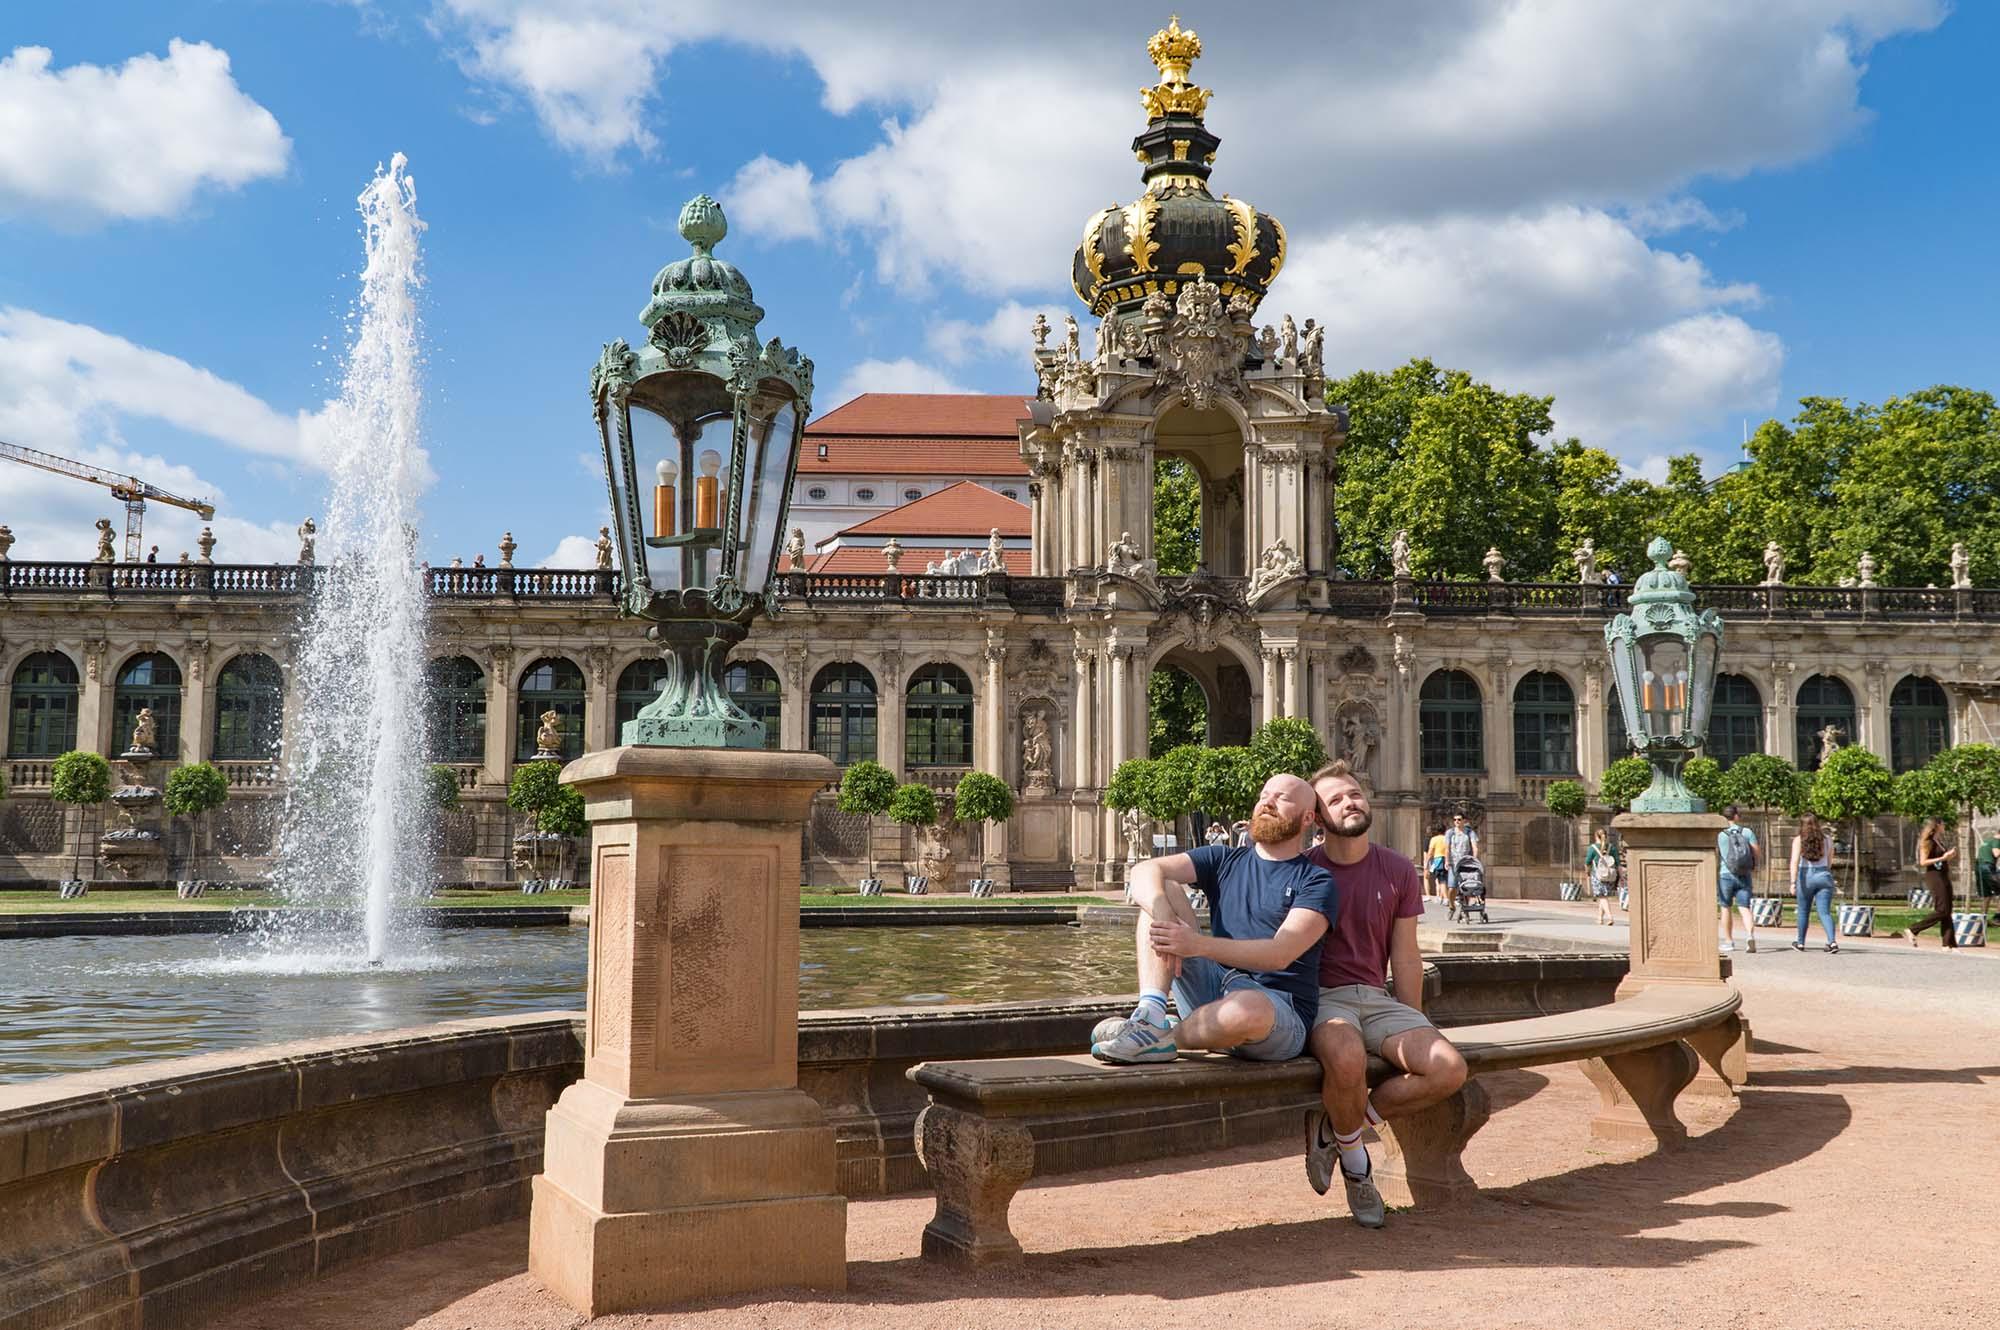 We enjoyed the wonderful weather in the Dresden Zwinger, Dresden-Altstadt © Coupleofmen.com